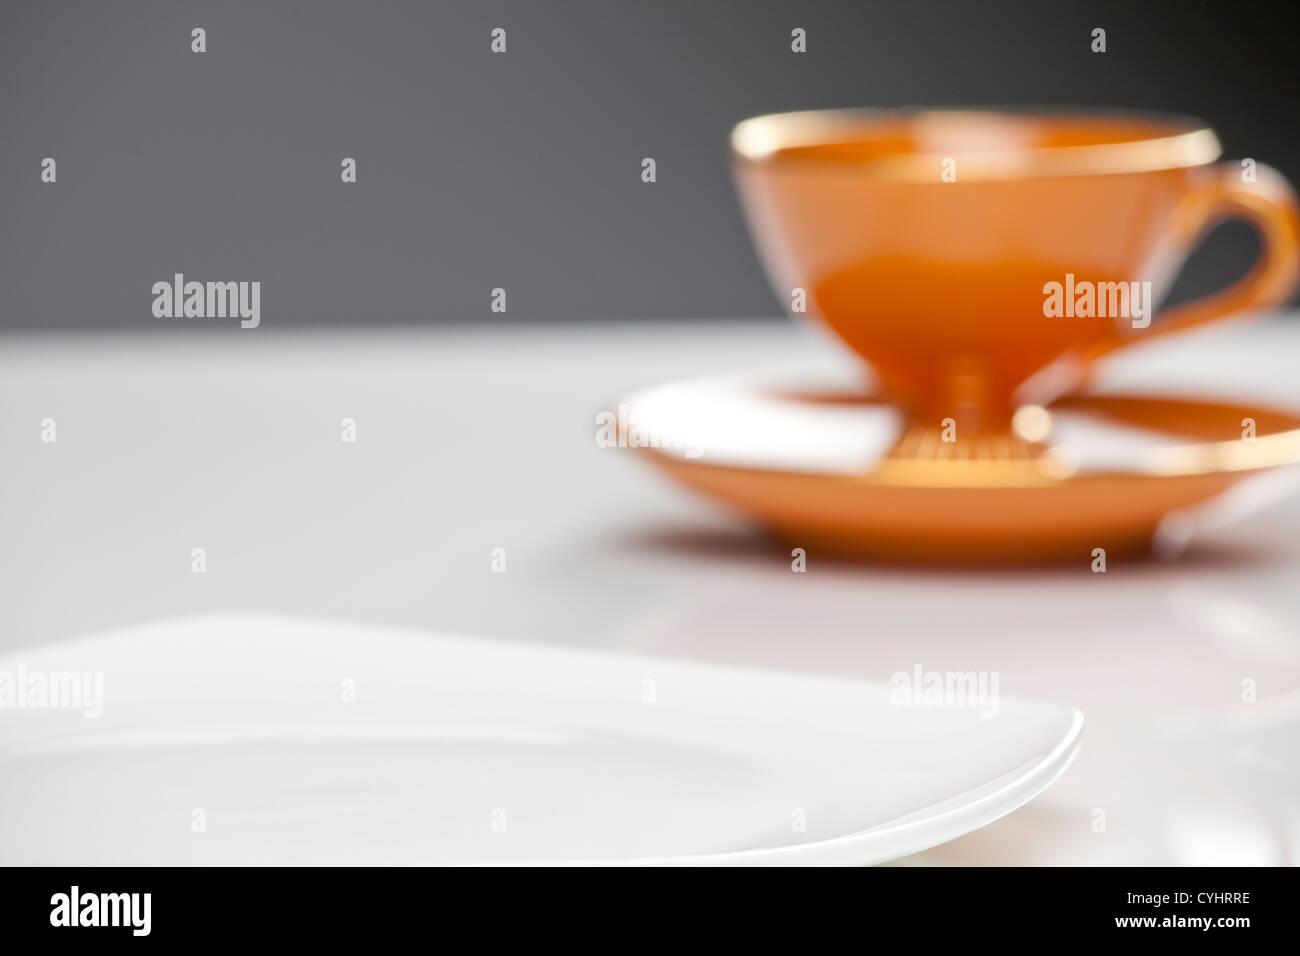 Orange tazza da tè e piastra bianca sulla superficie bianca riflettente. Immagini Stock